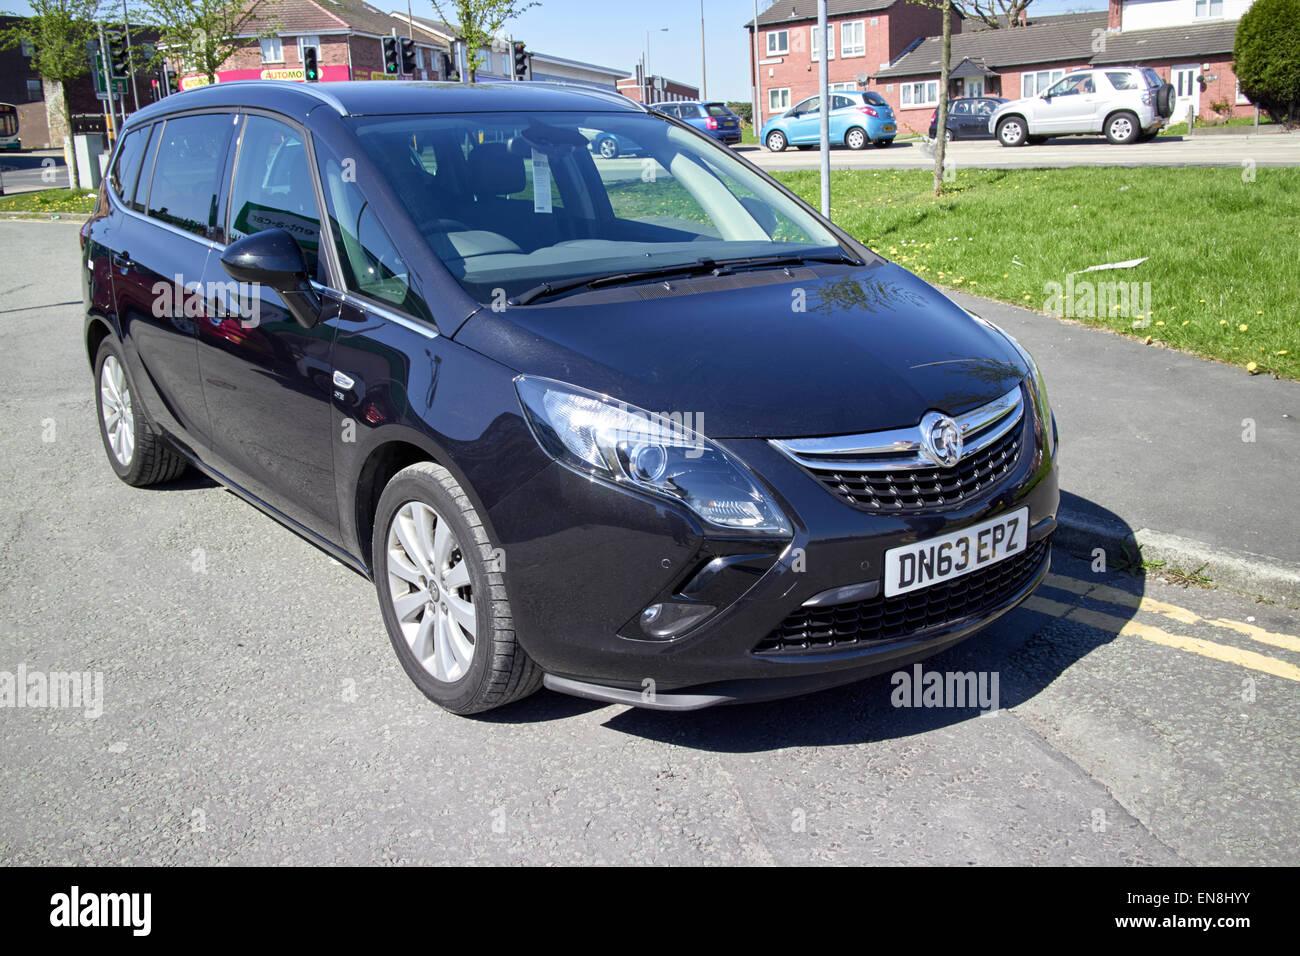 Opel Safira Mpv geparkt auf doppelte gelbe Linien im Wohngebiet von England uk Stockbild